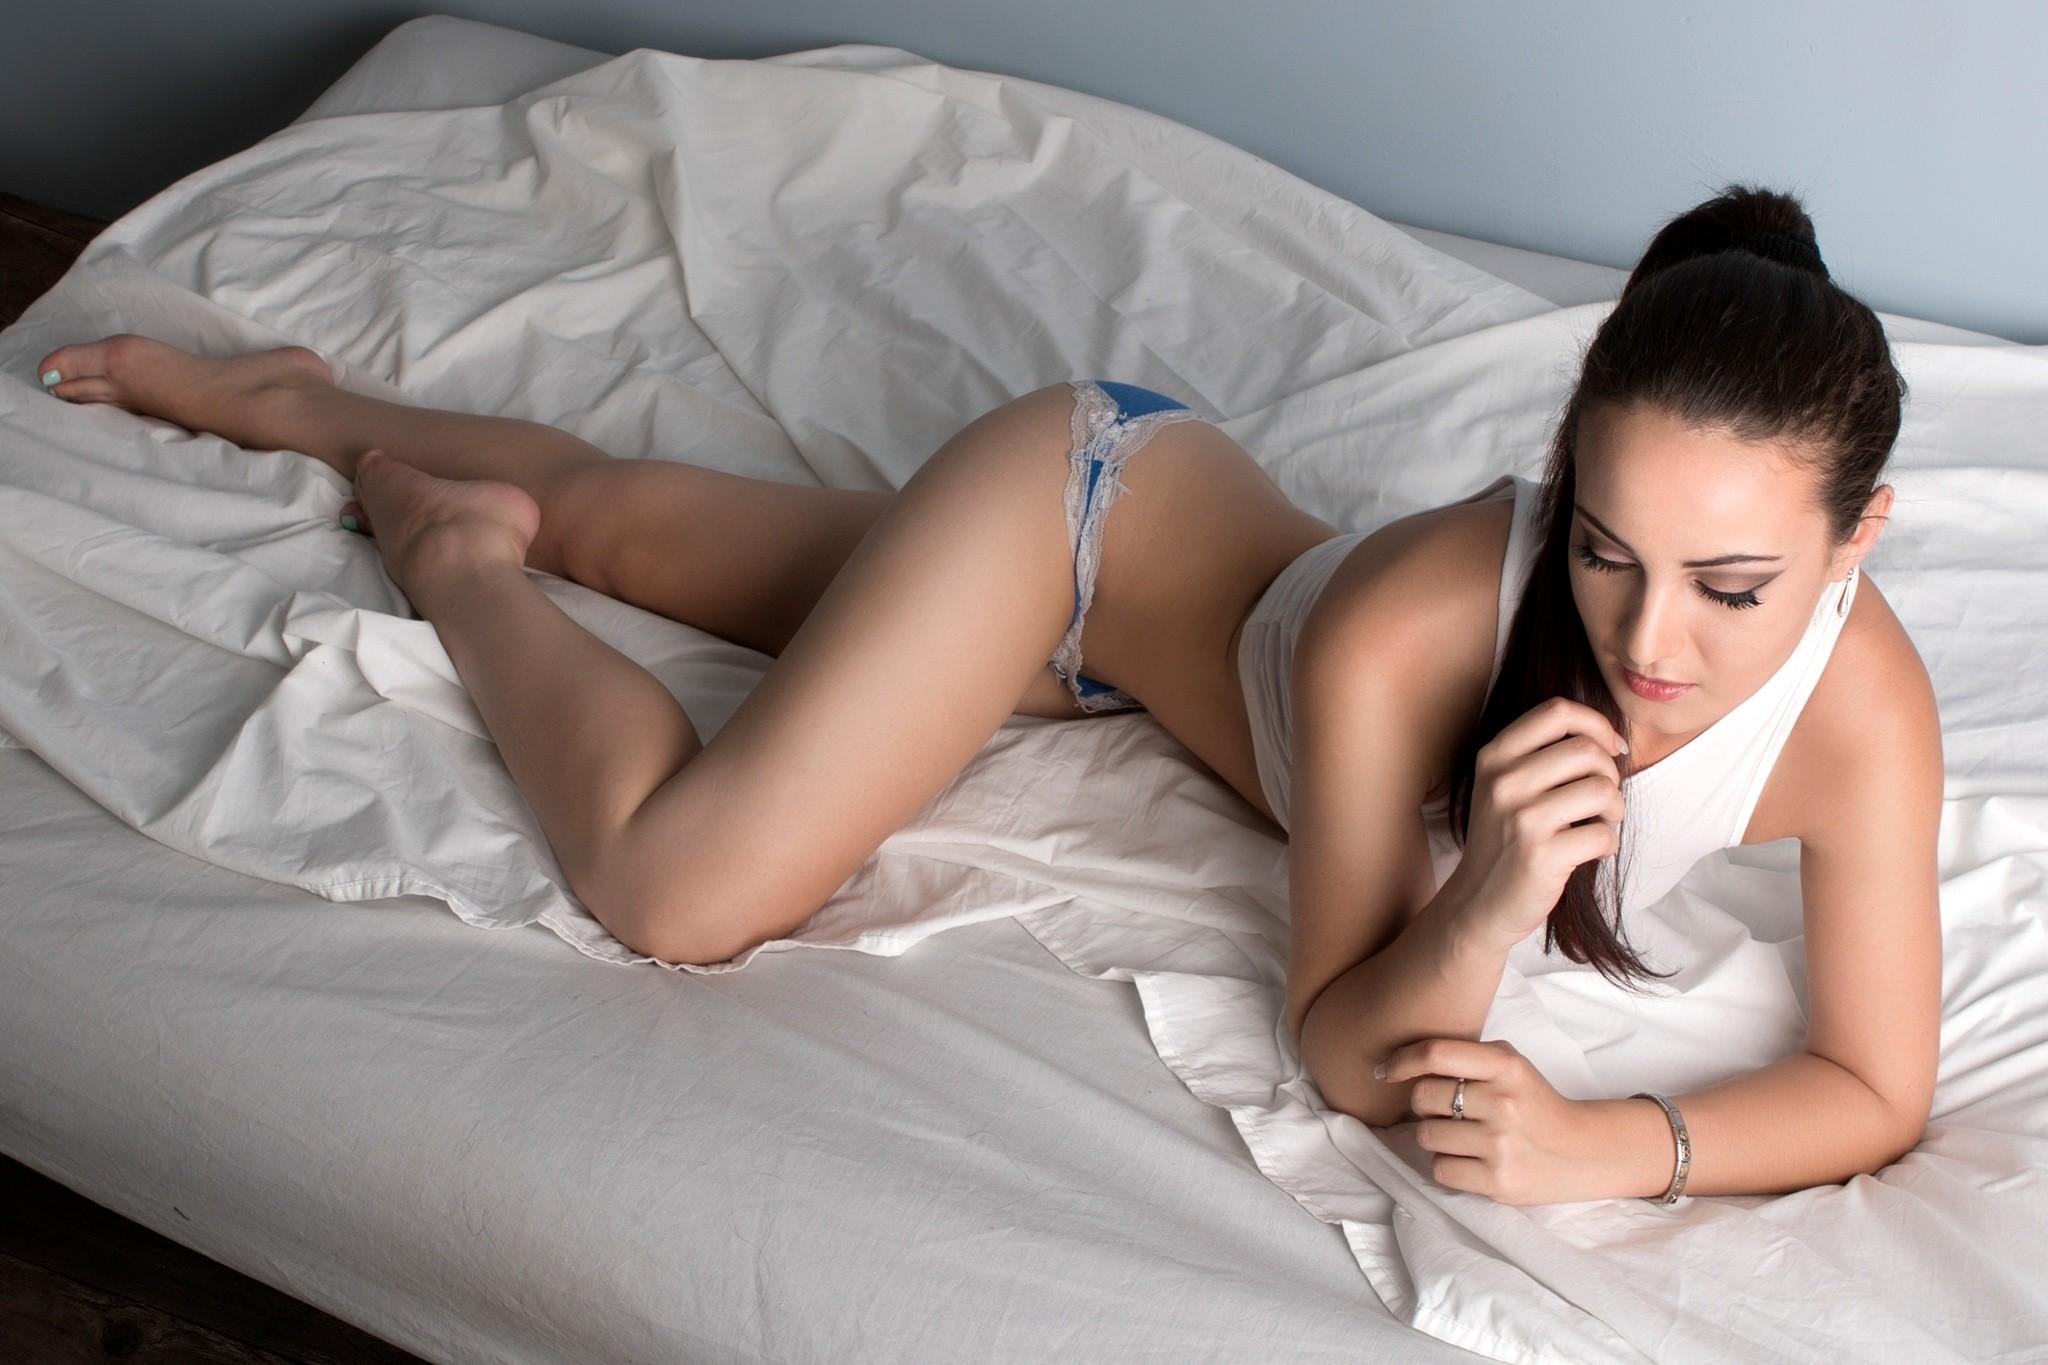 smotret-video-pro-devushek-v-posteli-golie-porno-foto-grete